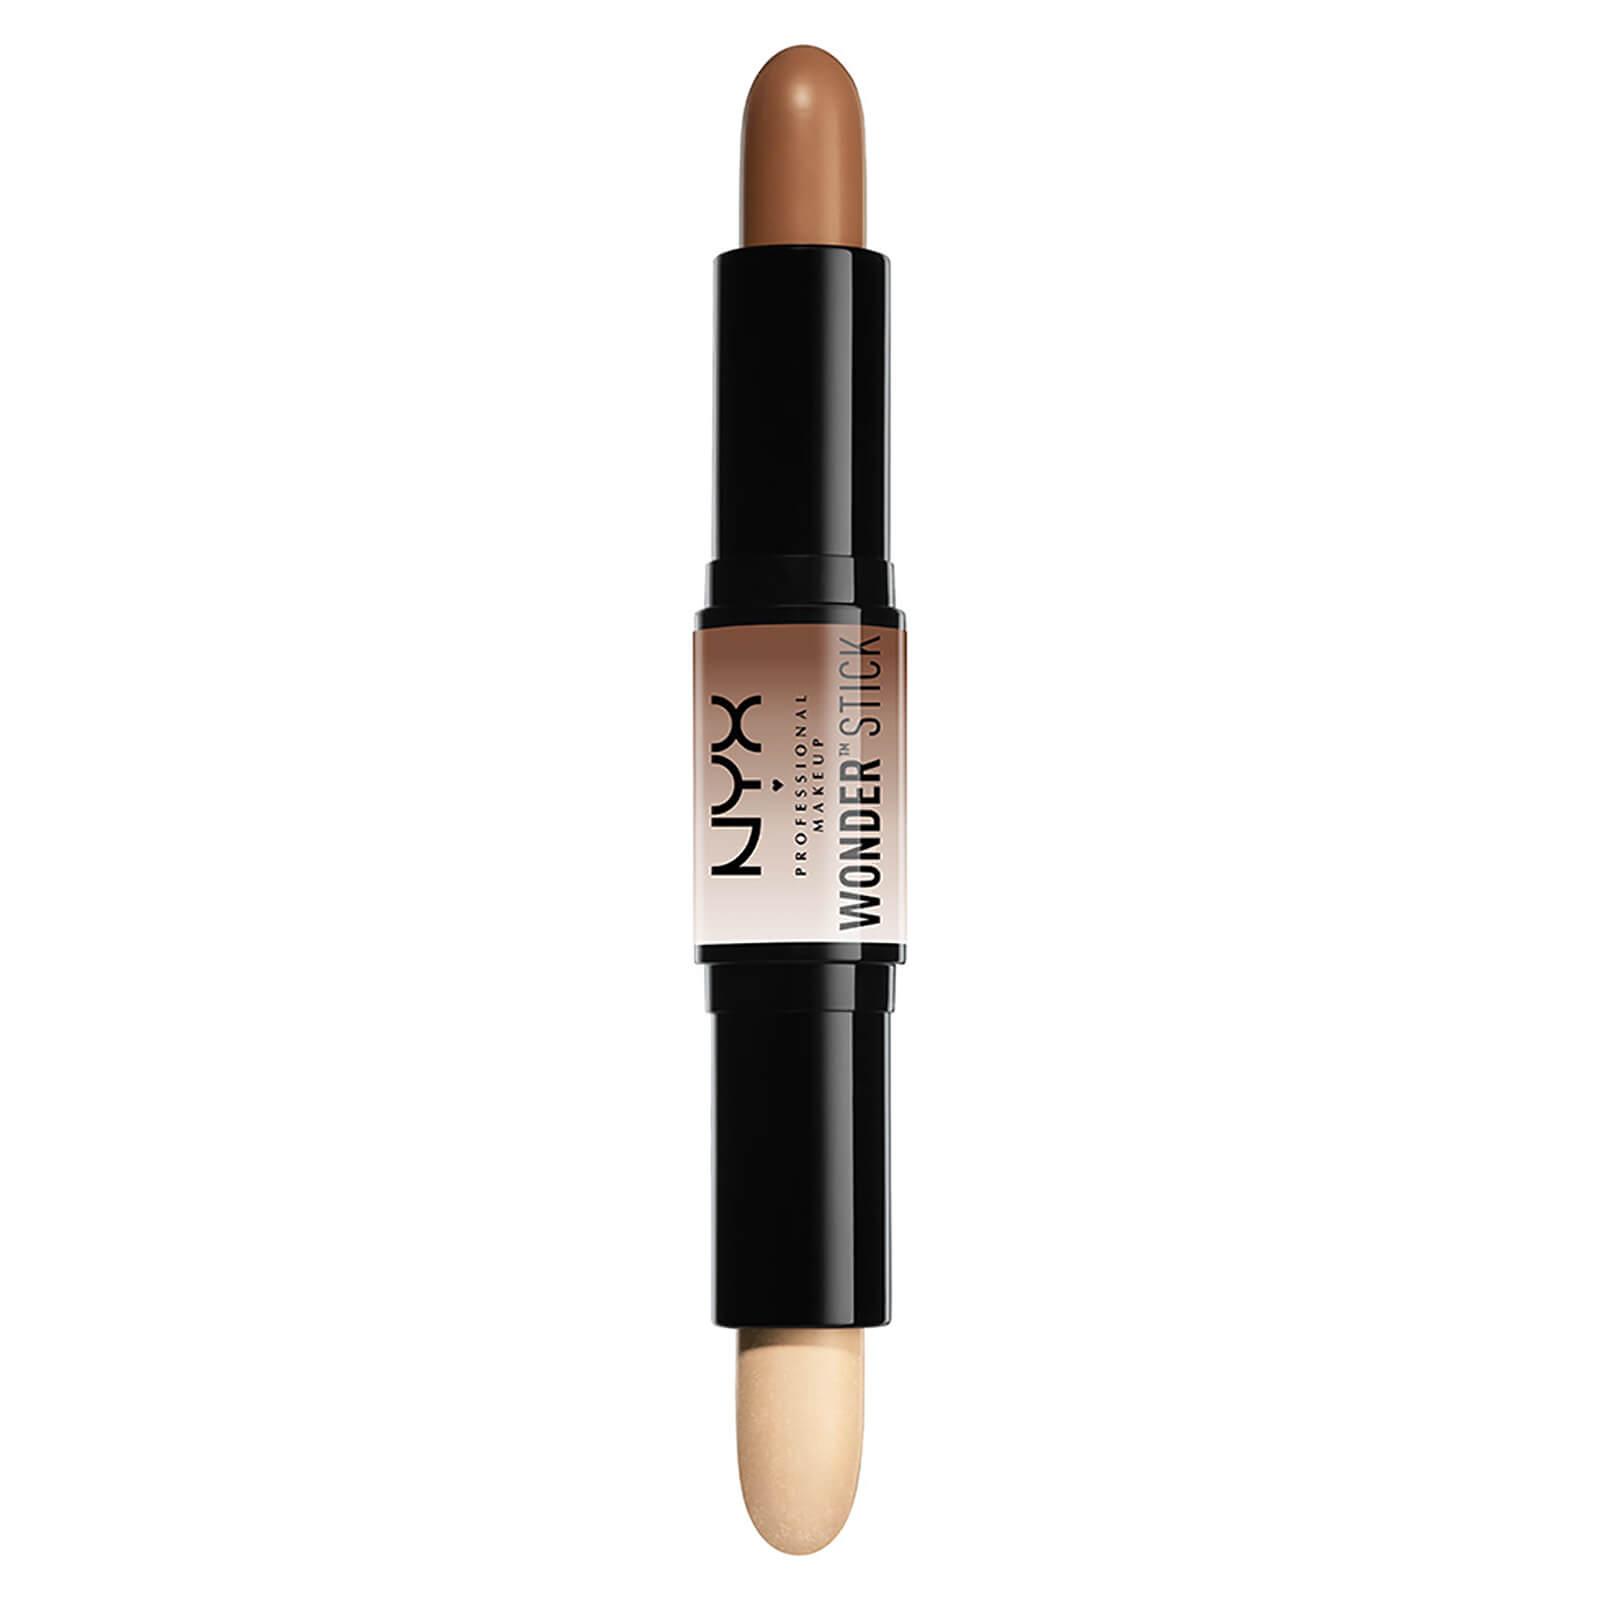 Купить Двойной карандаш для контурирования NYX Professional Makeup Wonder Stick - Highlight & Contour - Universal